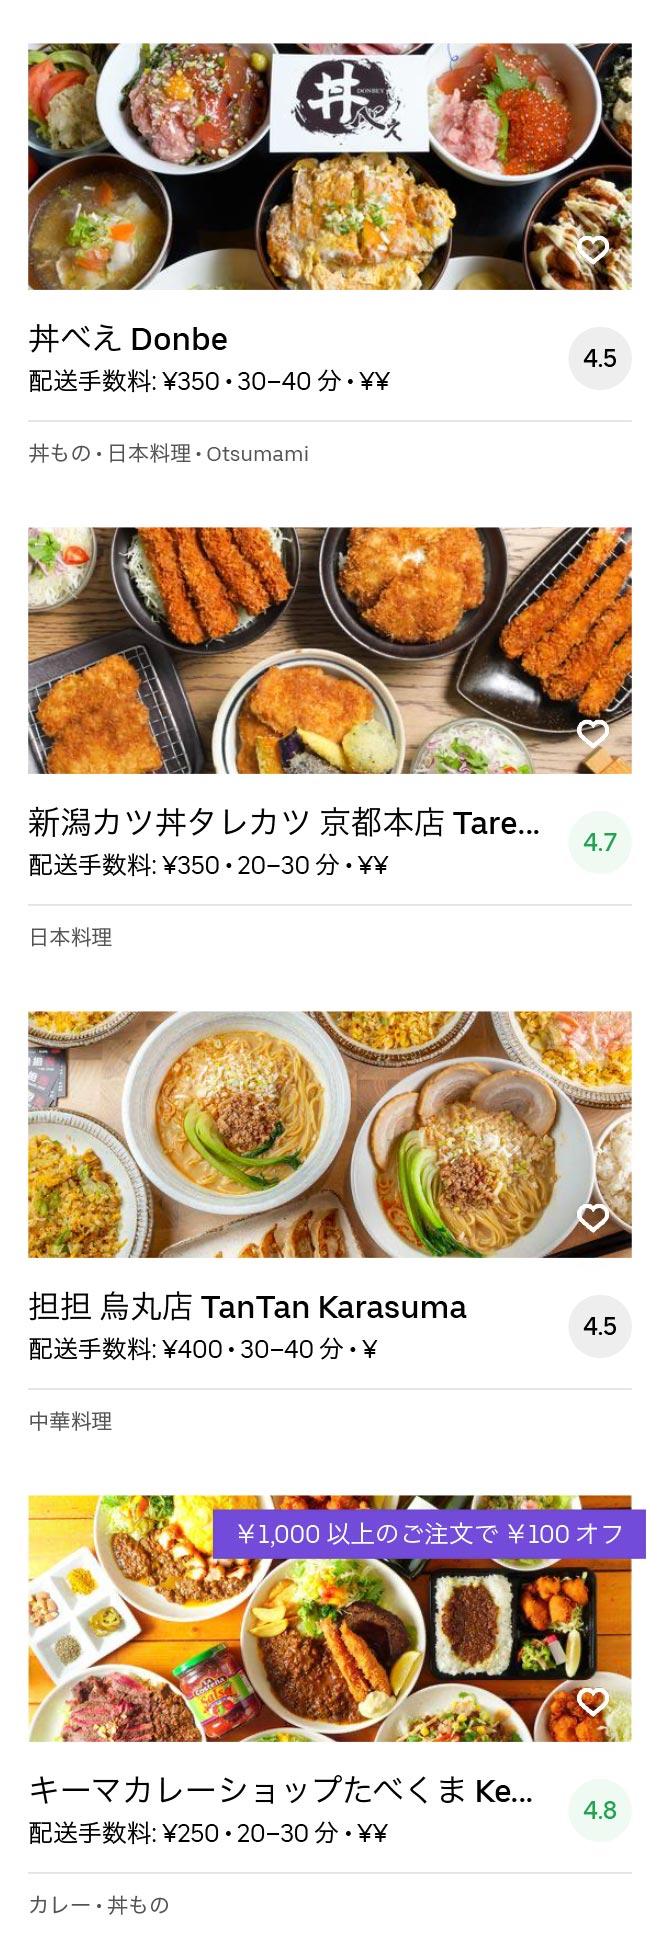 Kyoto fushimiinari menu 2005 10